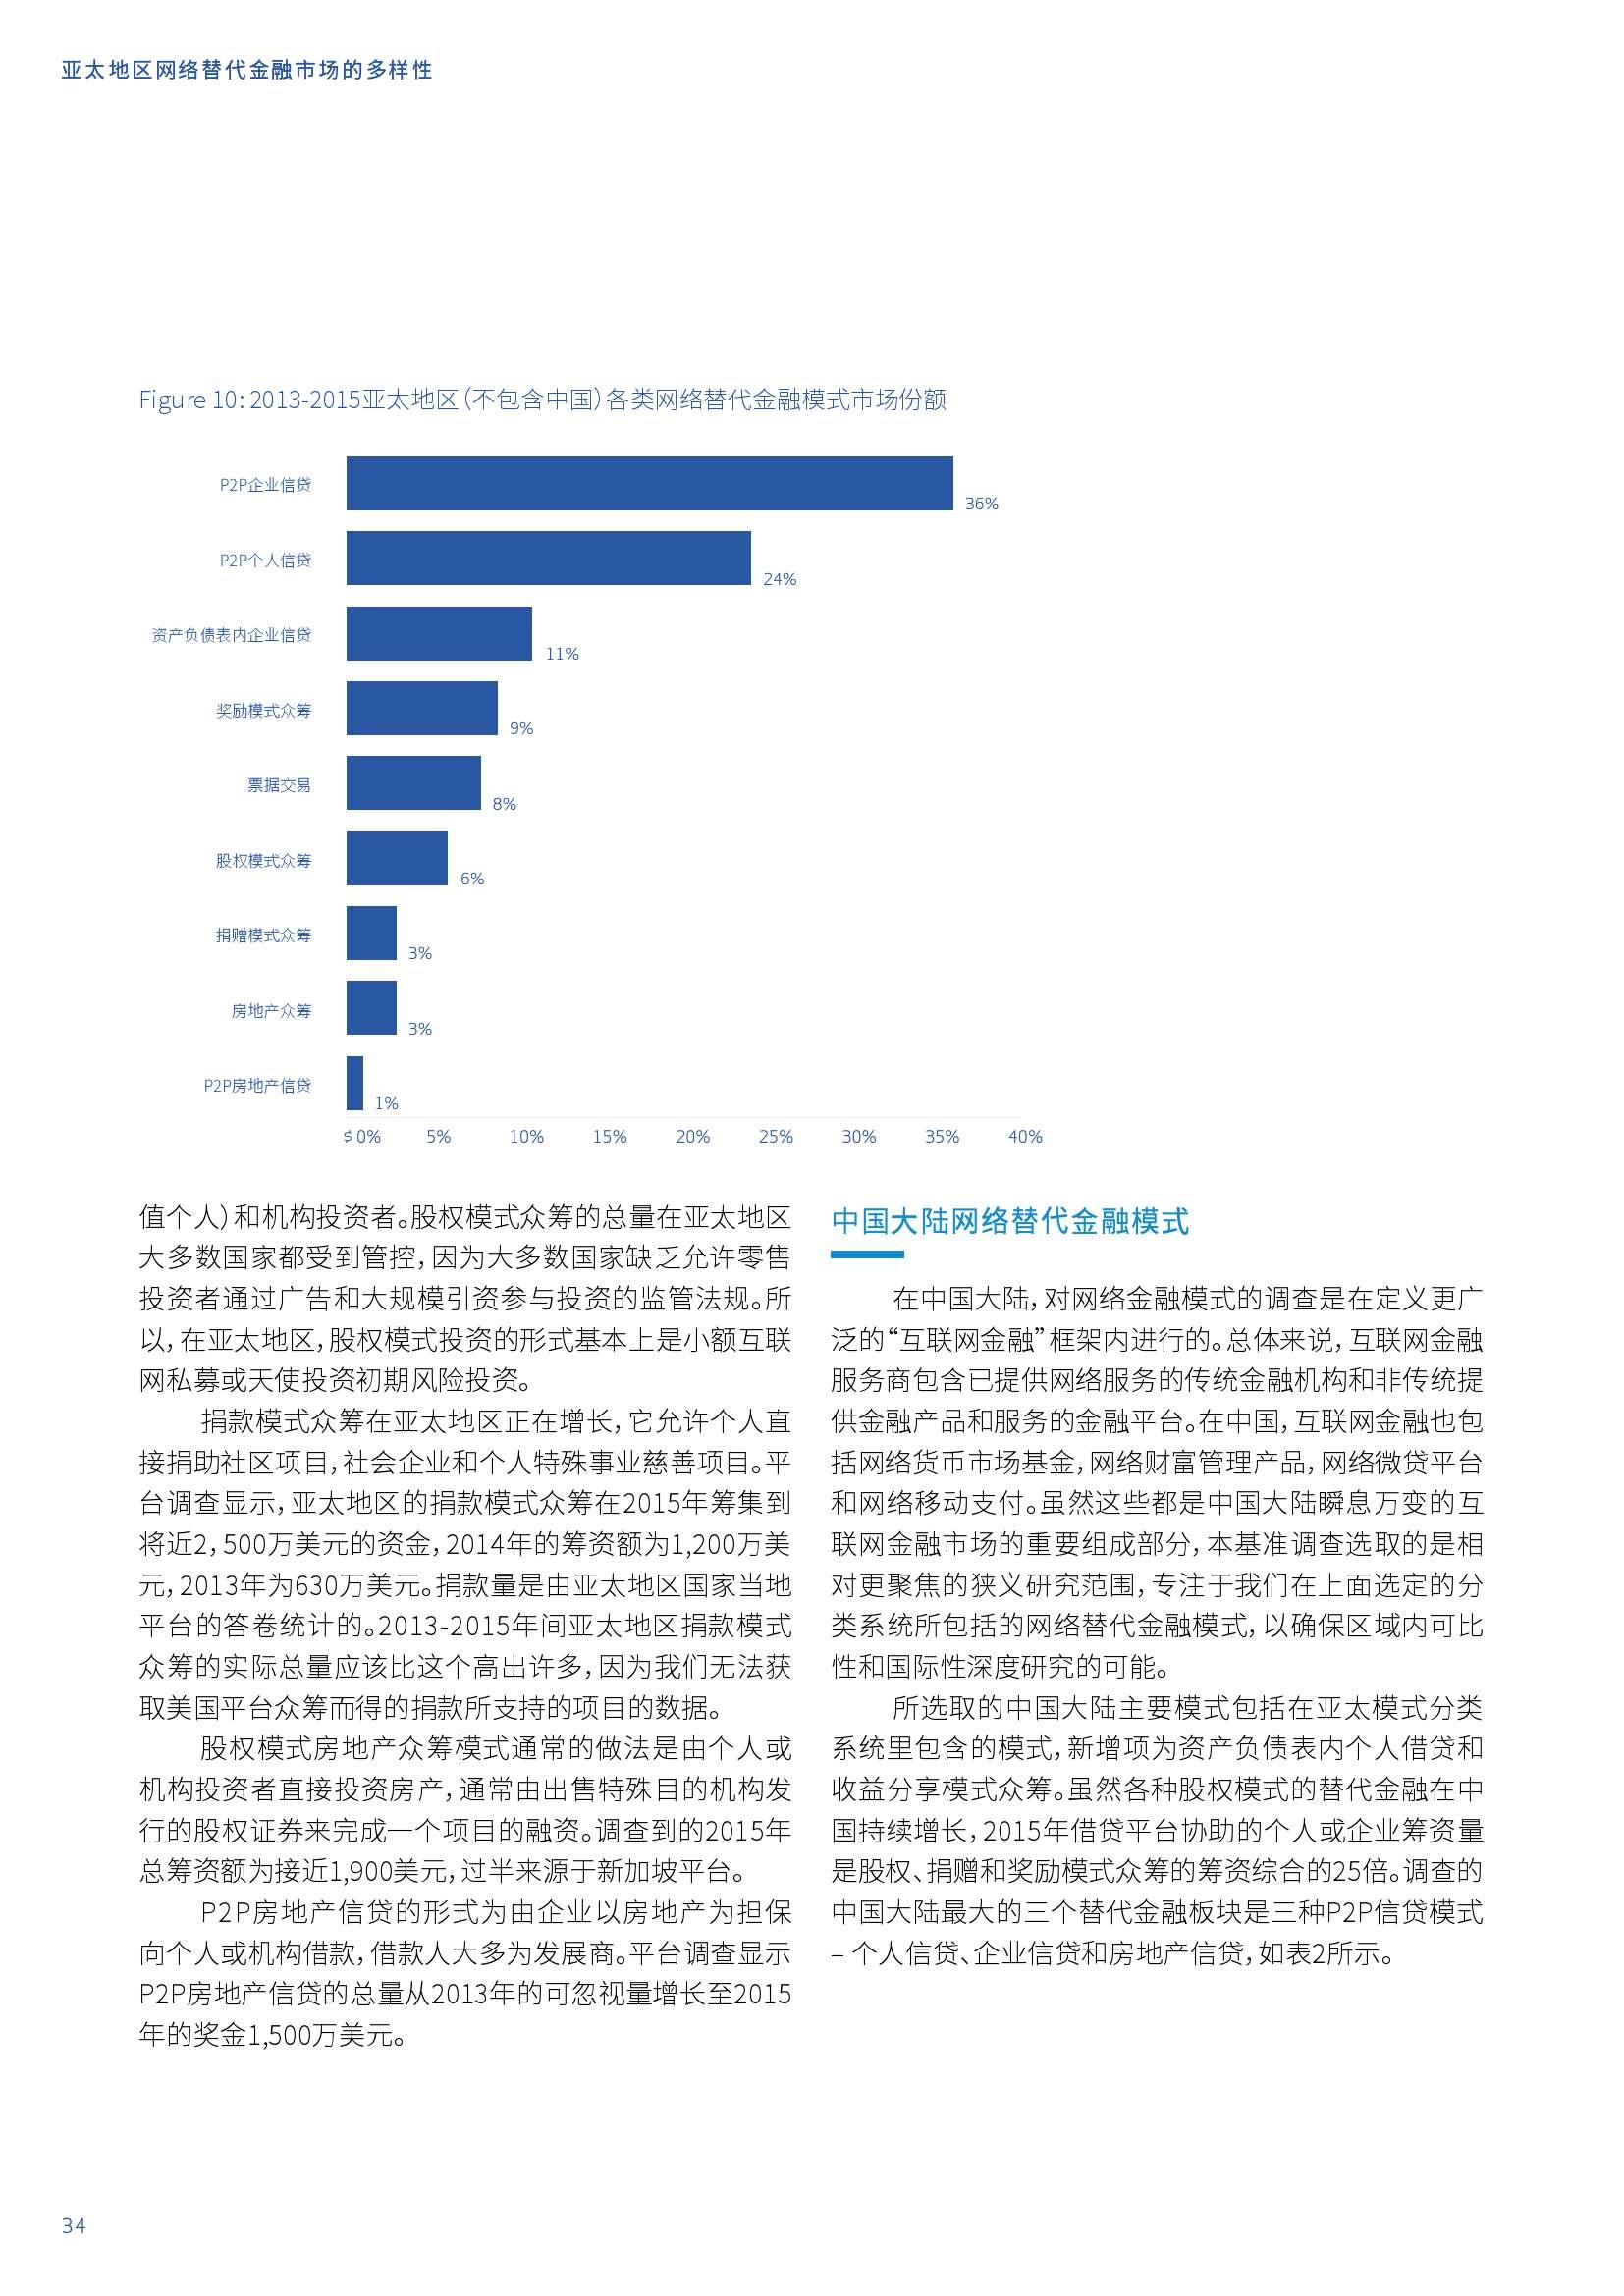 亚太地区网络替代金融基准报告_000034